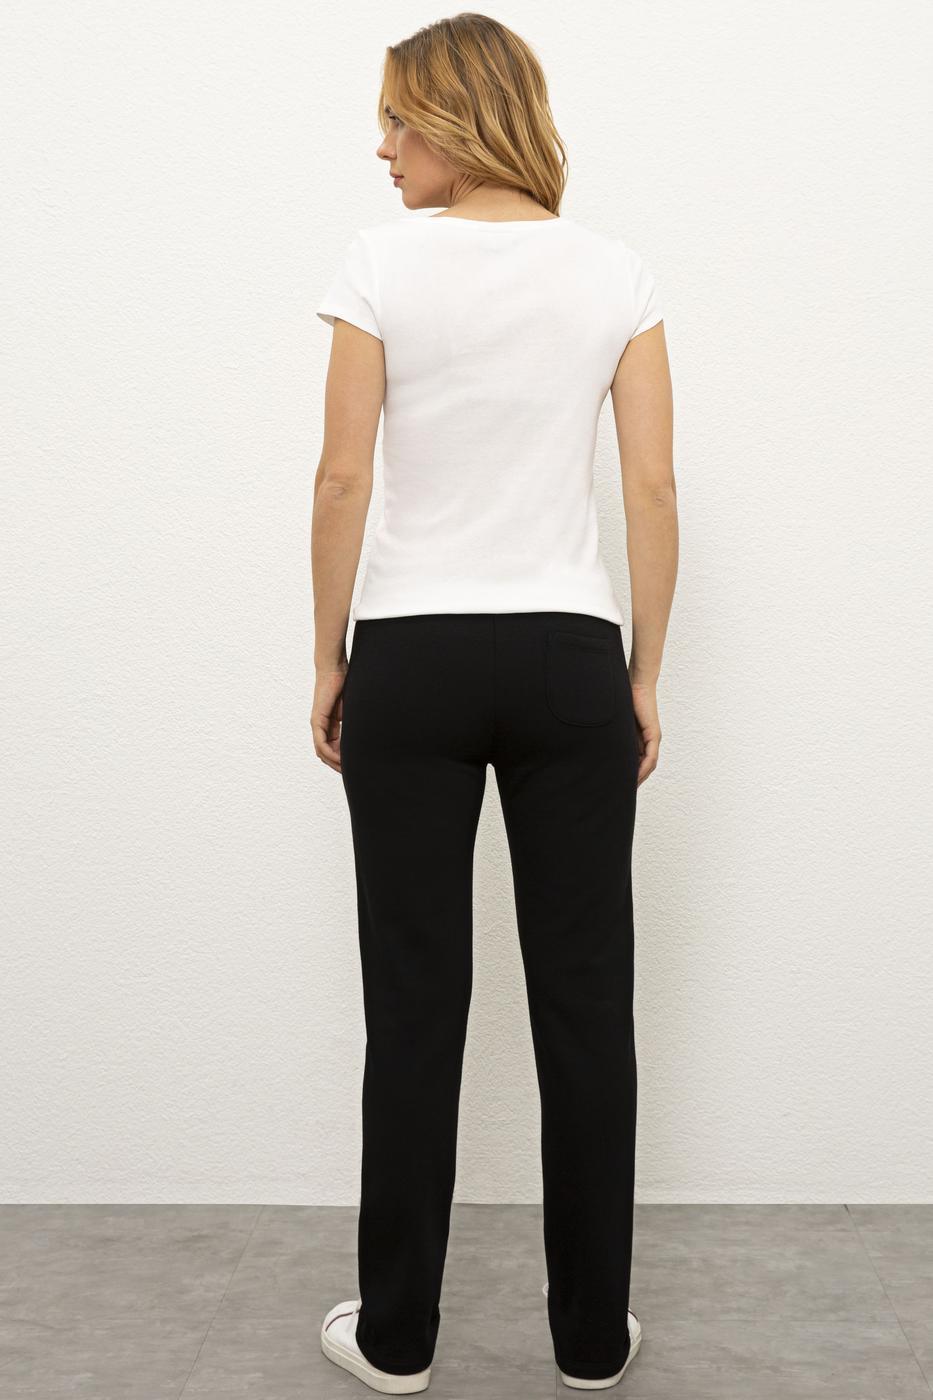 Siyah Örme Pantolon